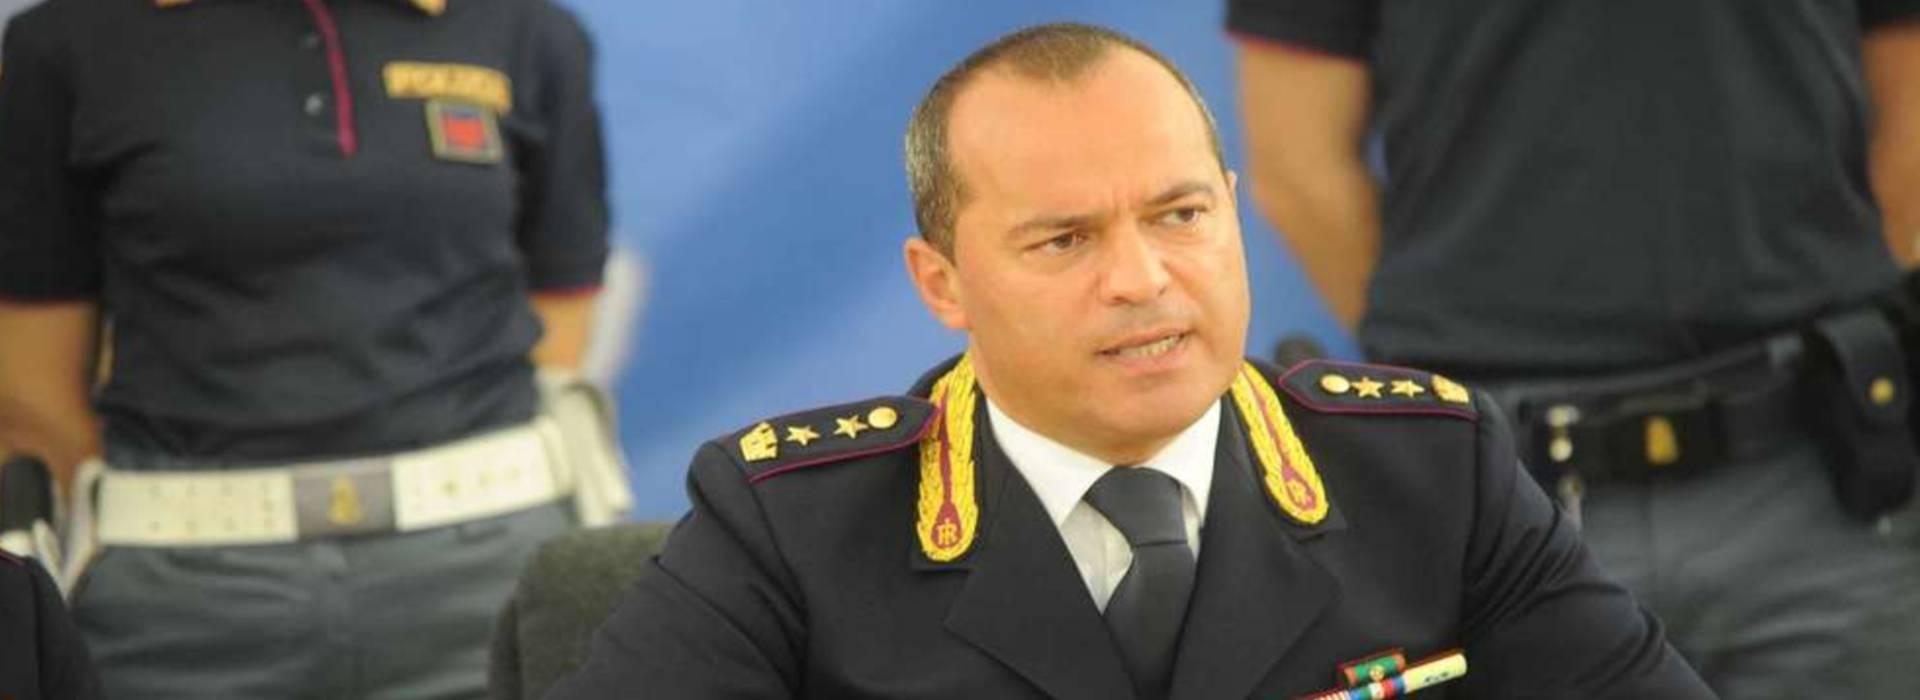 Ex capo della mobile di Pescara tenta il suicidio: era atteso in Tribunale per una vicenda legata a Rigopiano